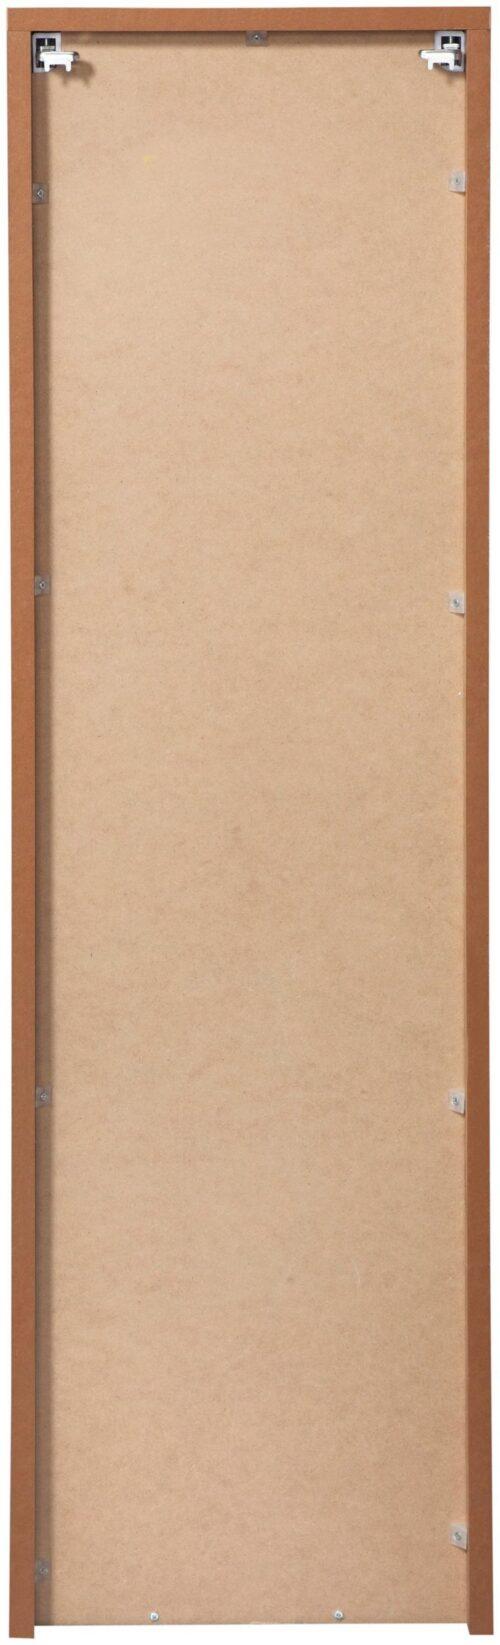 WELLTIME Seitenschrank Canada Midischrank Hochschrank Badschrank B30cm B57424313 ehemalige UVP 89,99€ | 57424313 5